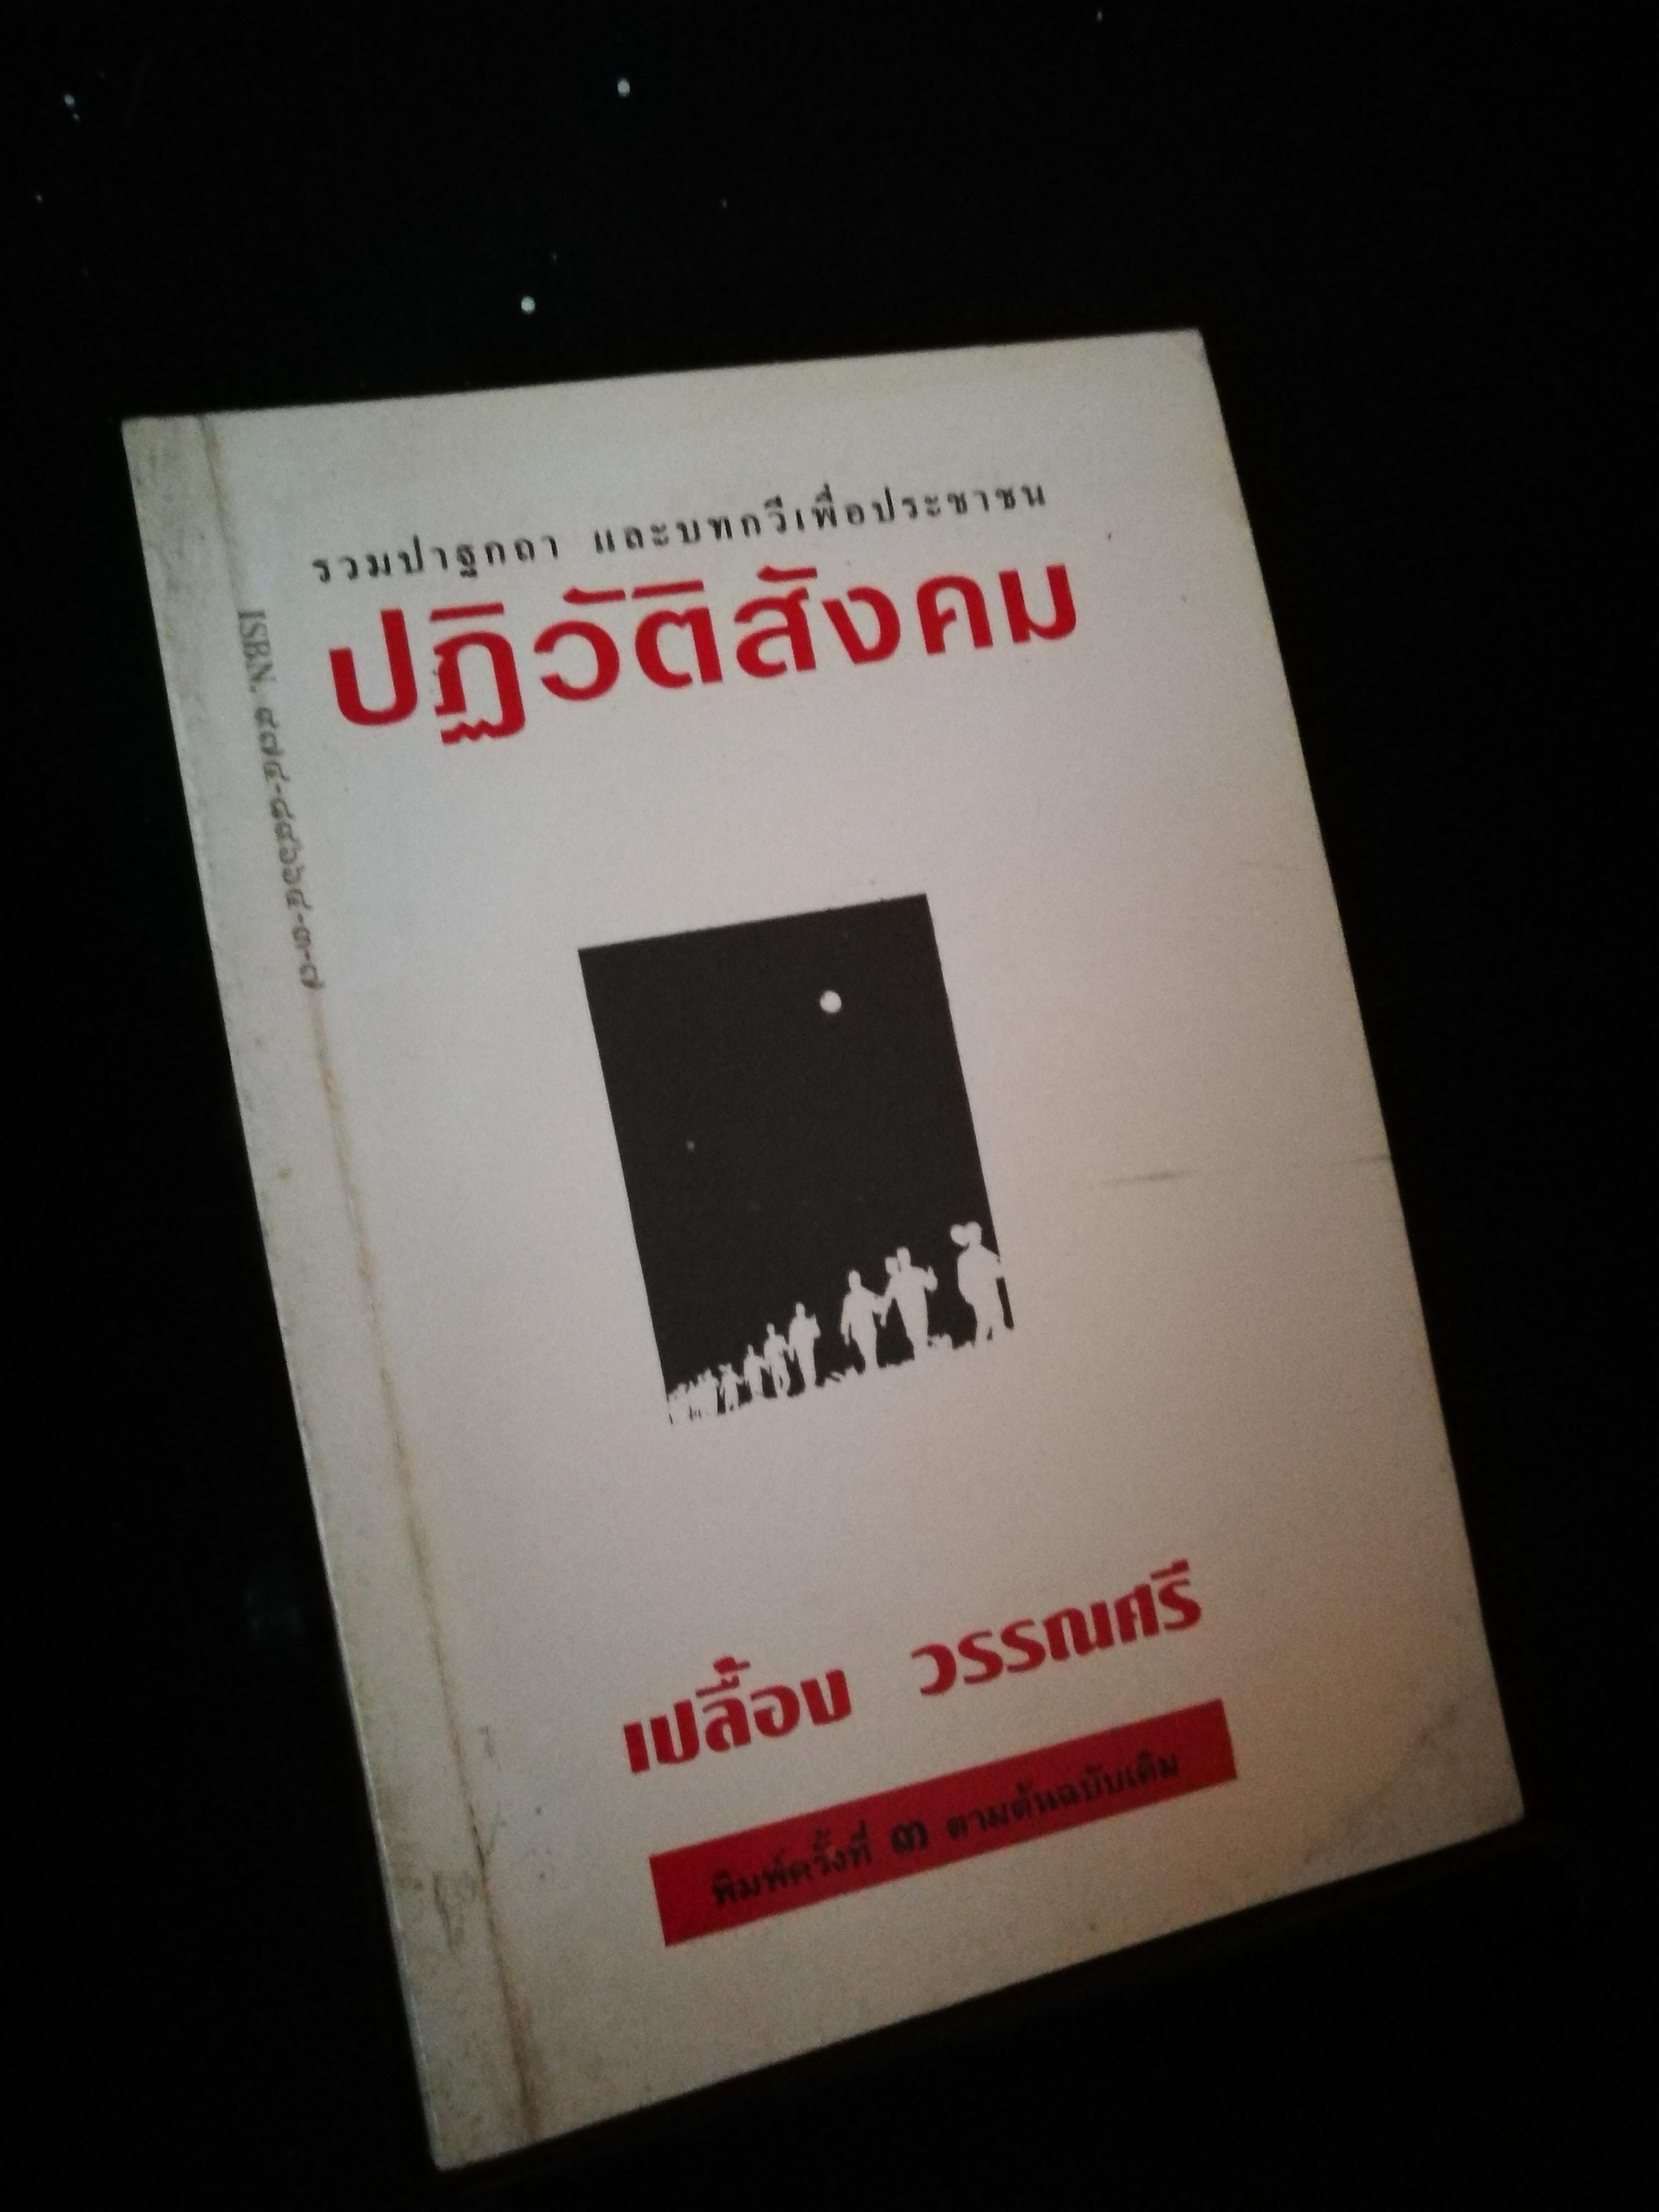 ปฏิวัติสังคม - หนังสือต้องห้าม